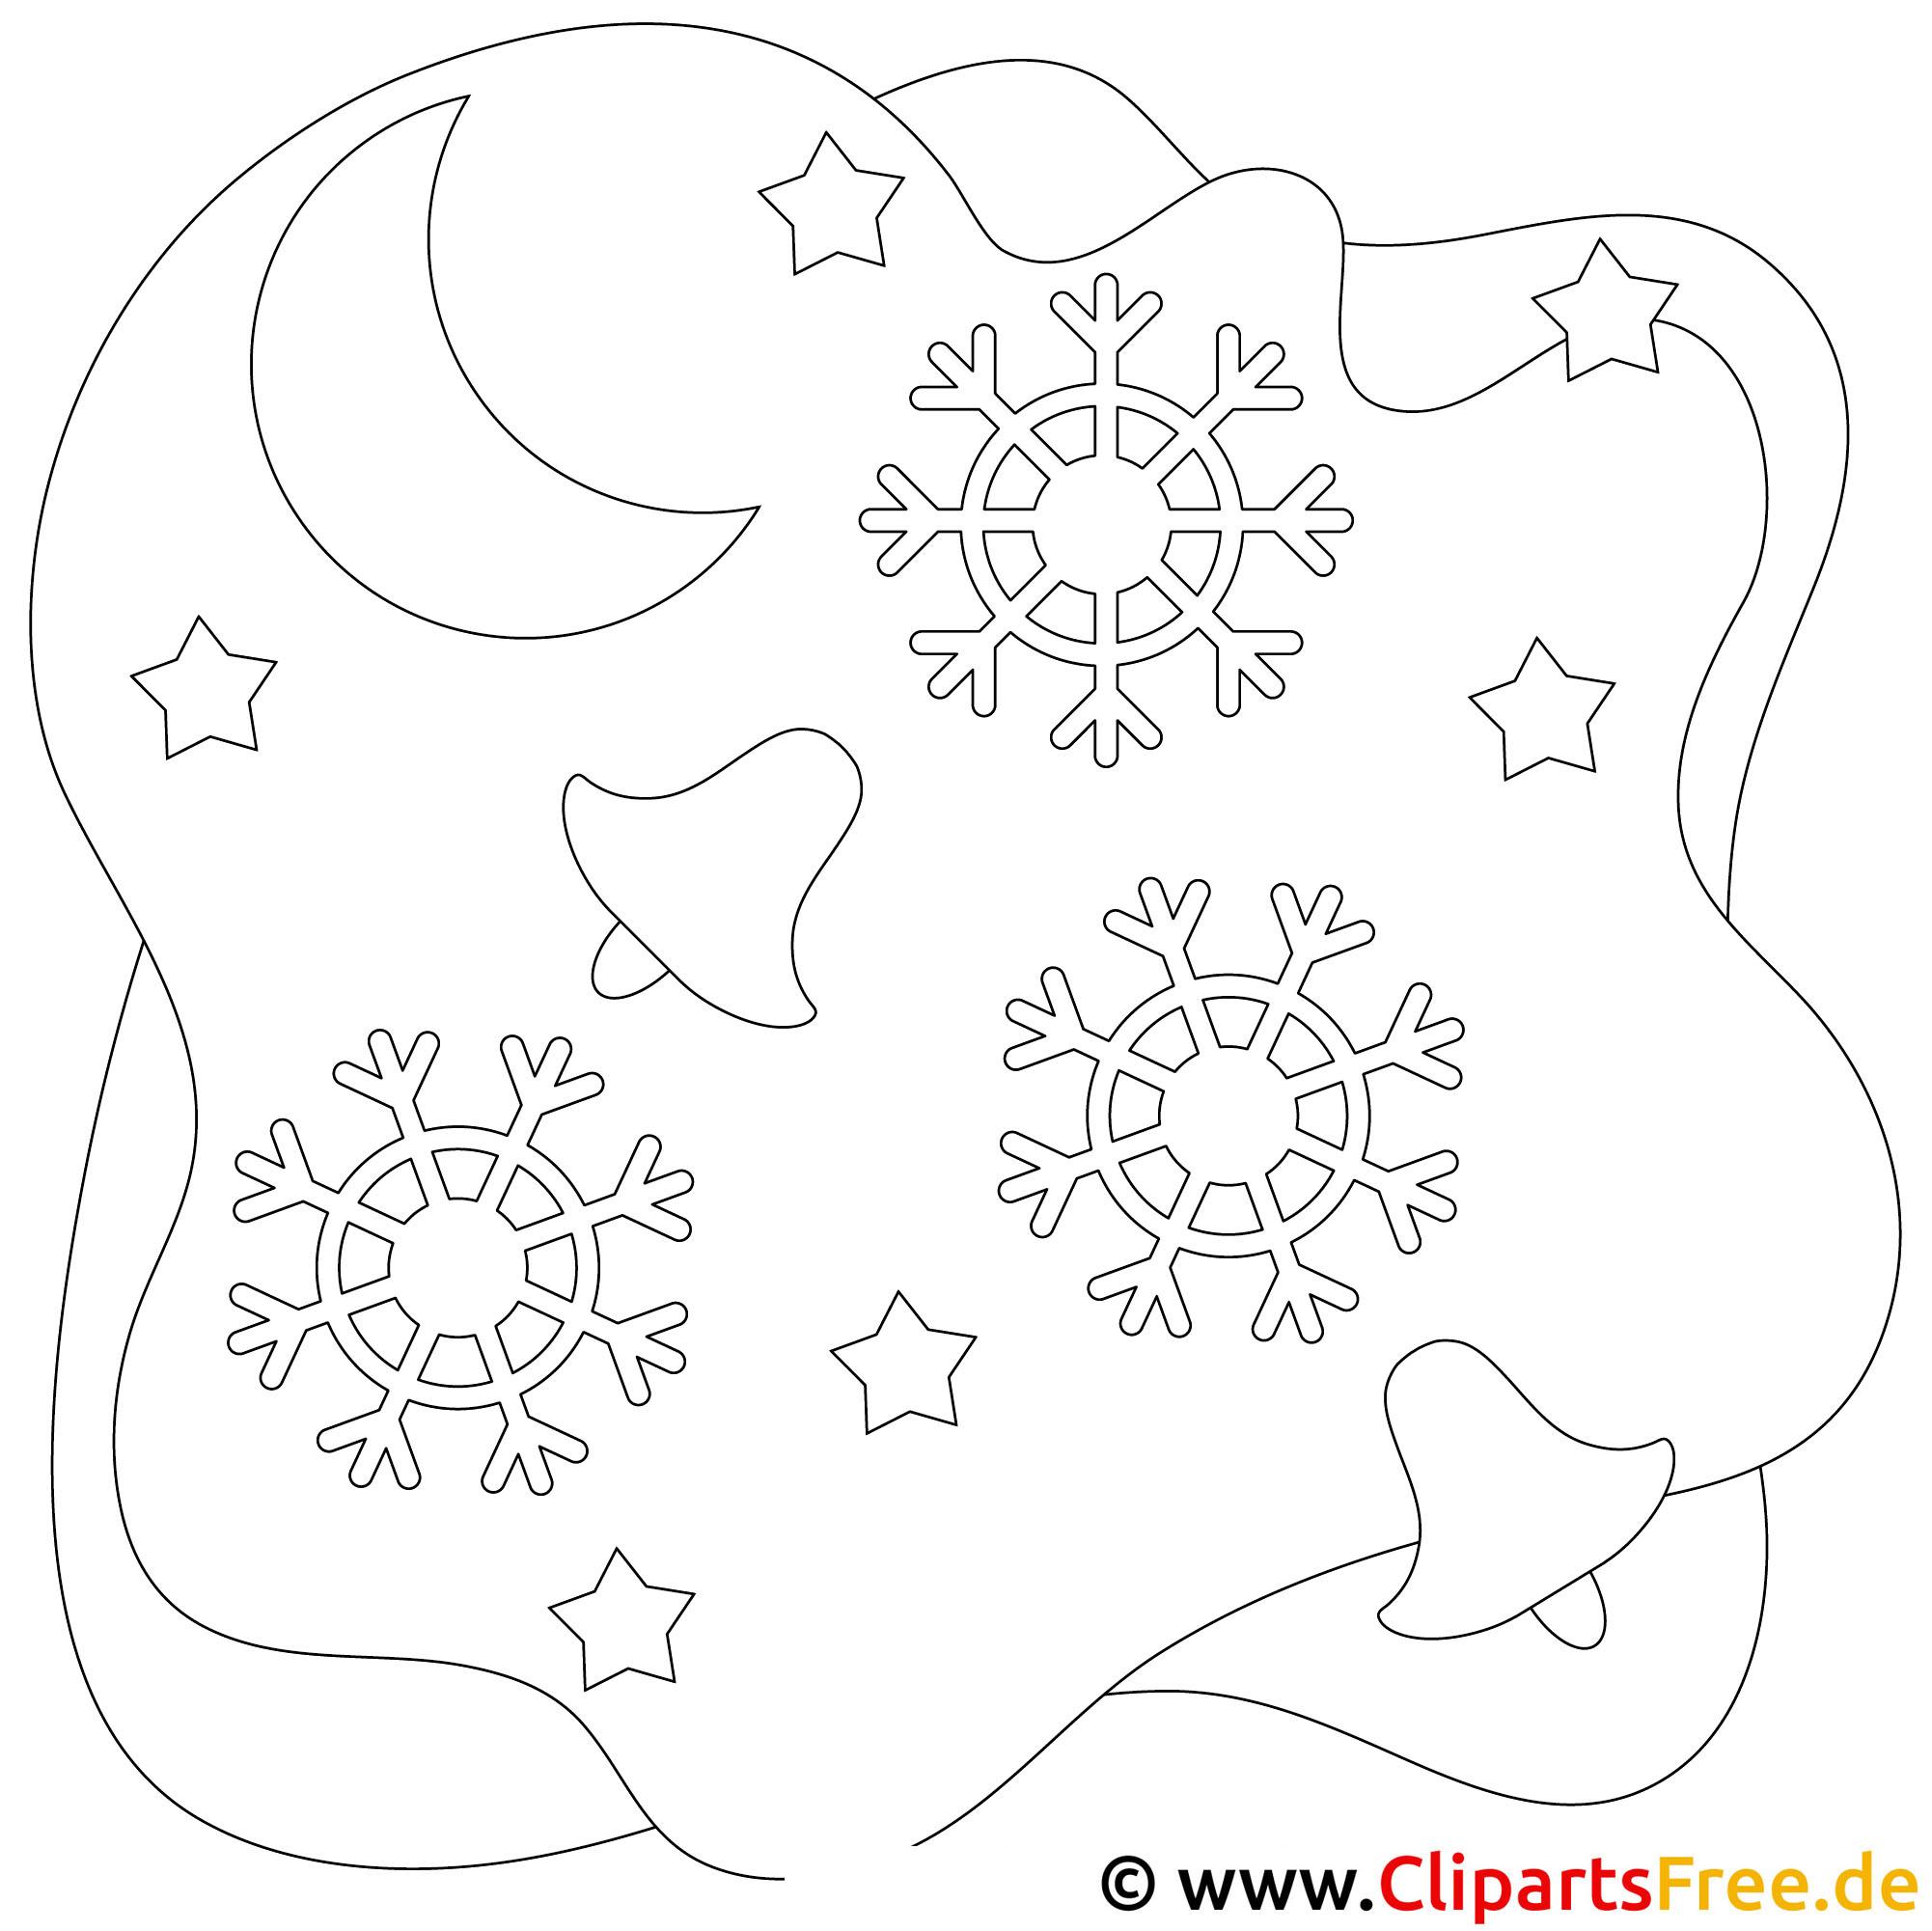 Weihnachtsglocken und Schneeflocken Bild, Malvorlage, Ausmalbild